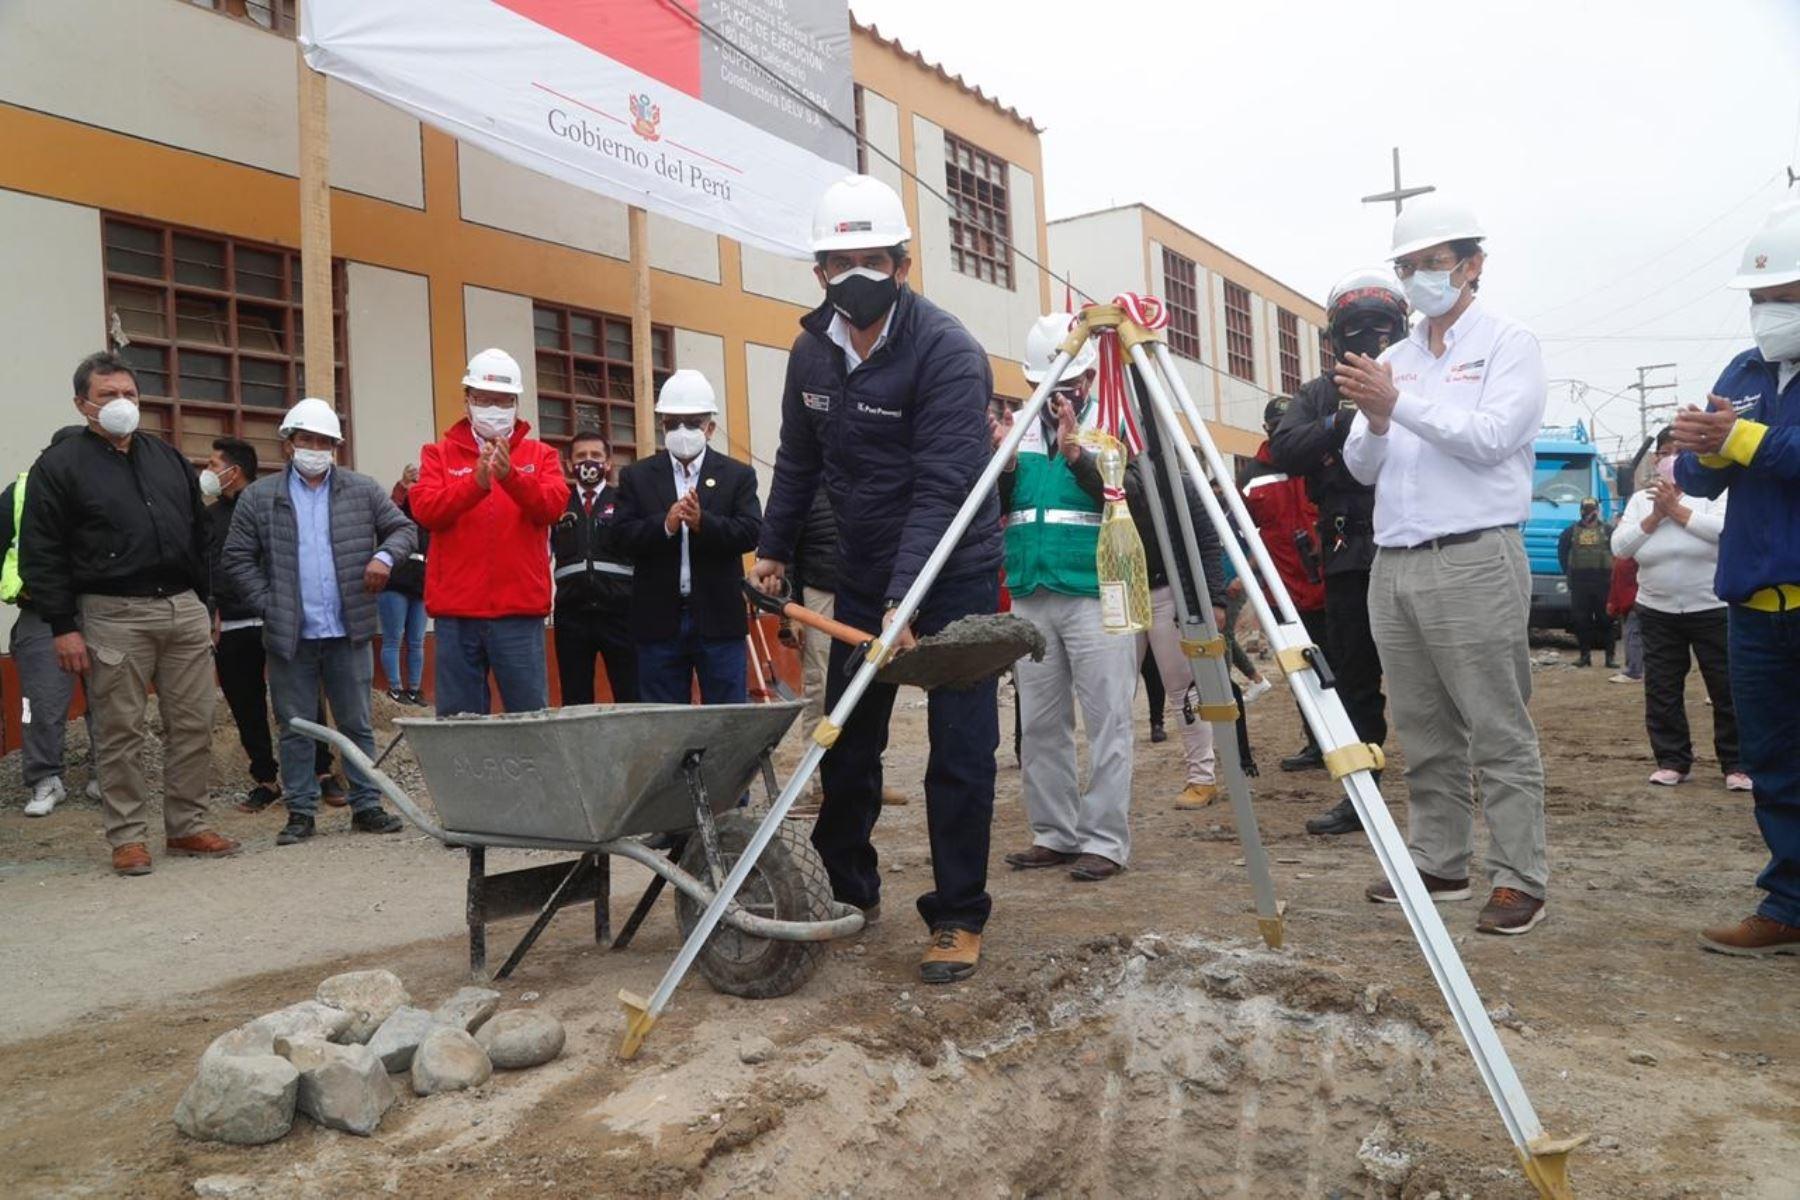 Ministro de Vivienda, Construcción y Saneamiento, Carlos Lozada, inaugura obras de Arranca Perú en Huaura. Foto: Cortesía.